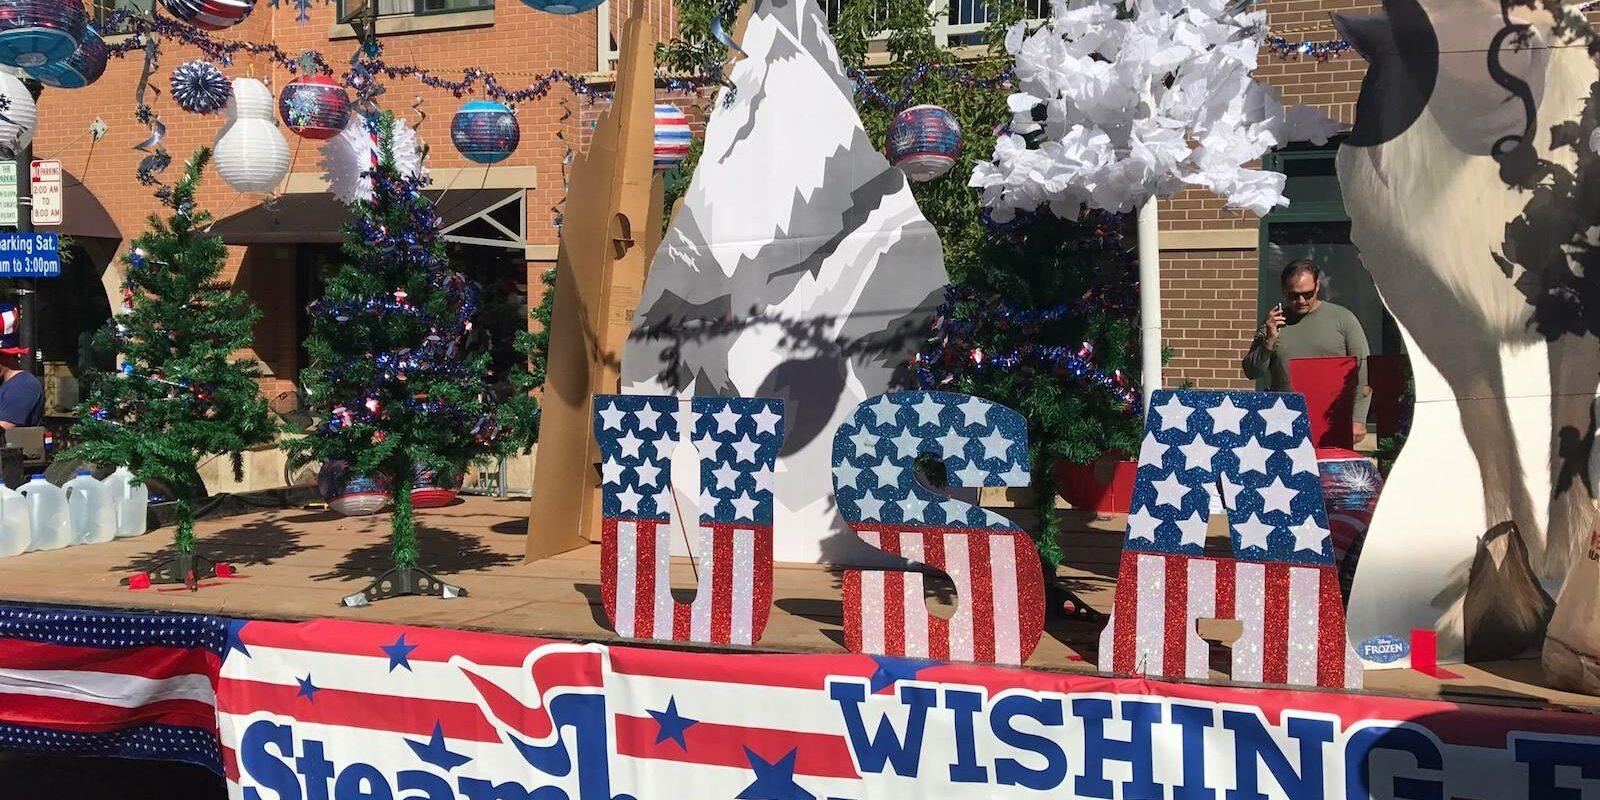 Gambar kendaraan hias parade keempat Juli di Steamboat Springs, Colorado